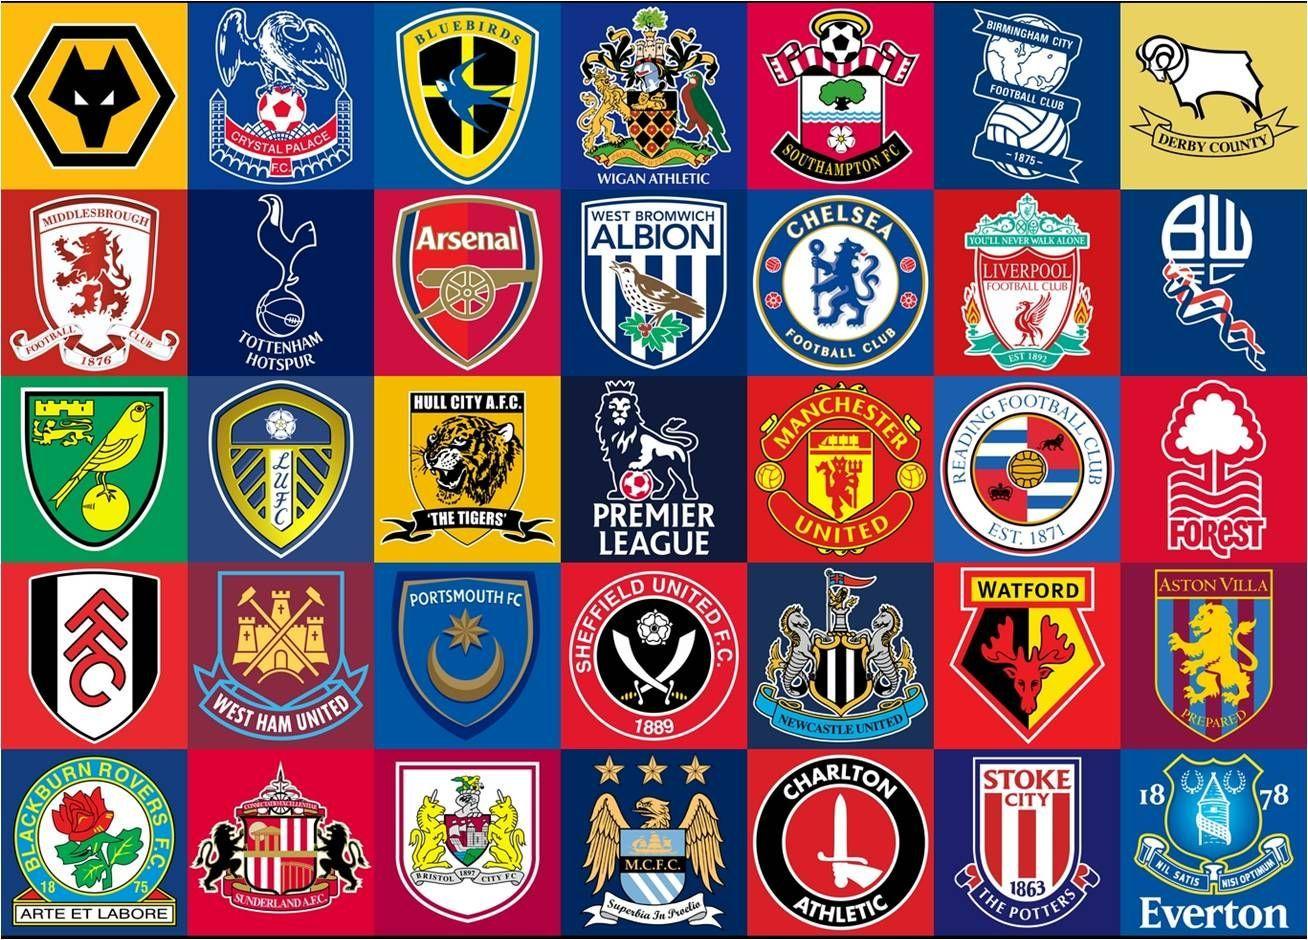 Si tuvieras que jugar en un equipo de la Premier League ¿Cuál elegirías?